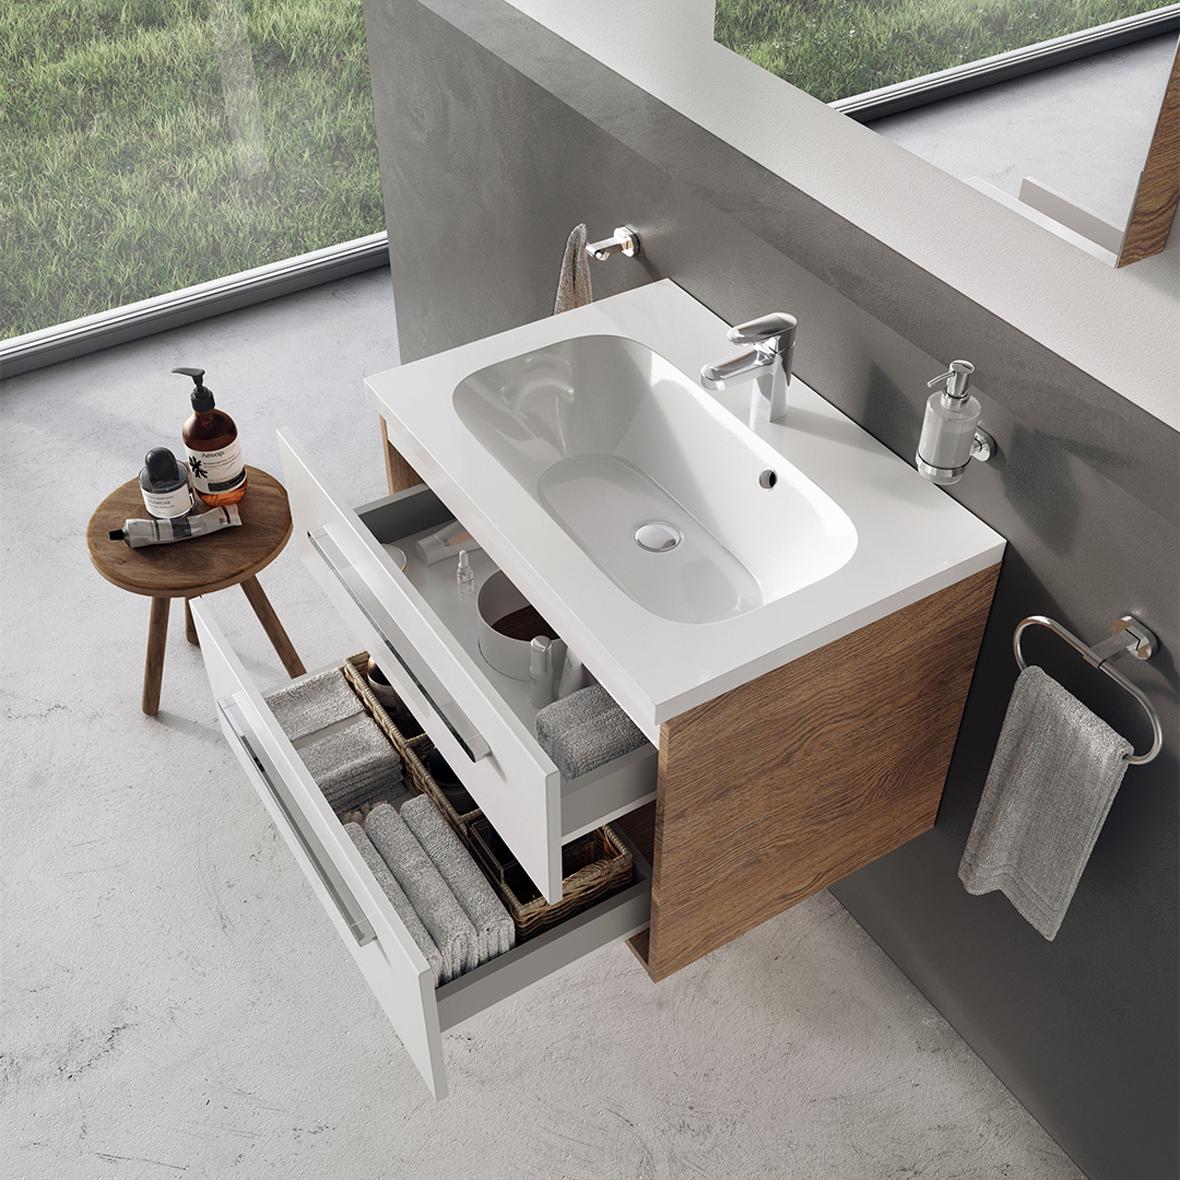 Tökéletes fürdőszobai megoldás a RAVAK bútor